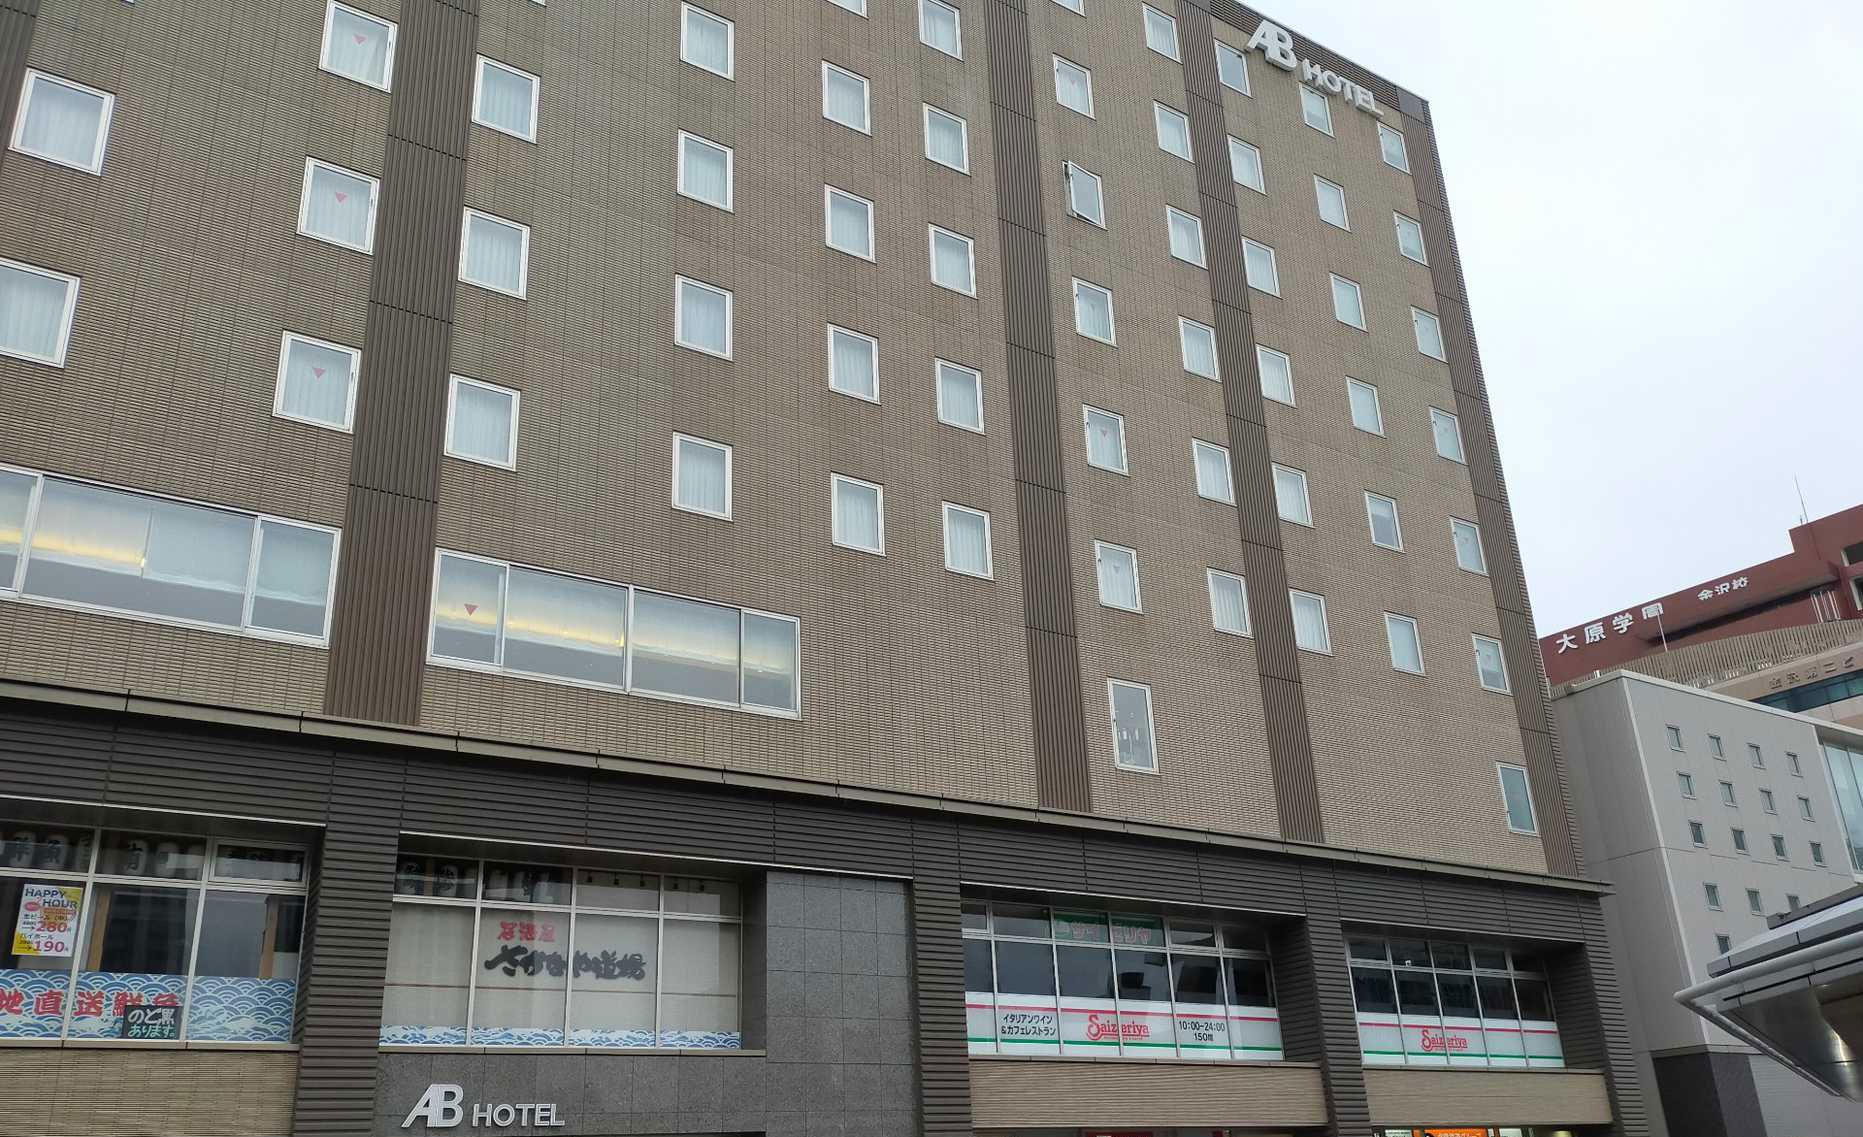 ABホテル金沢の外観